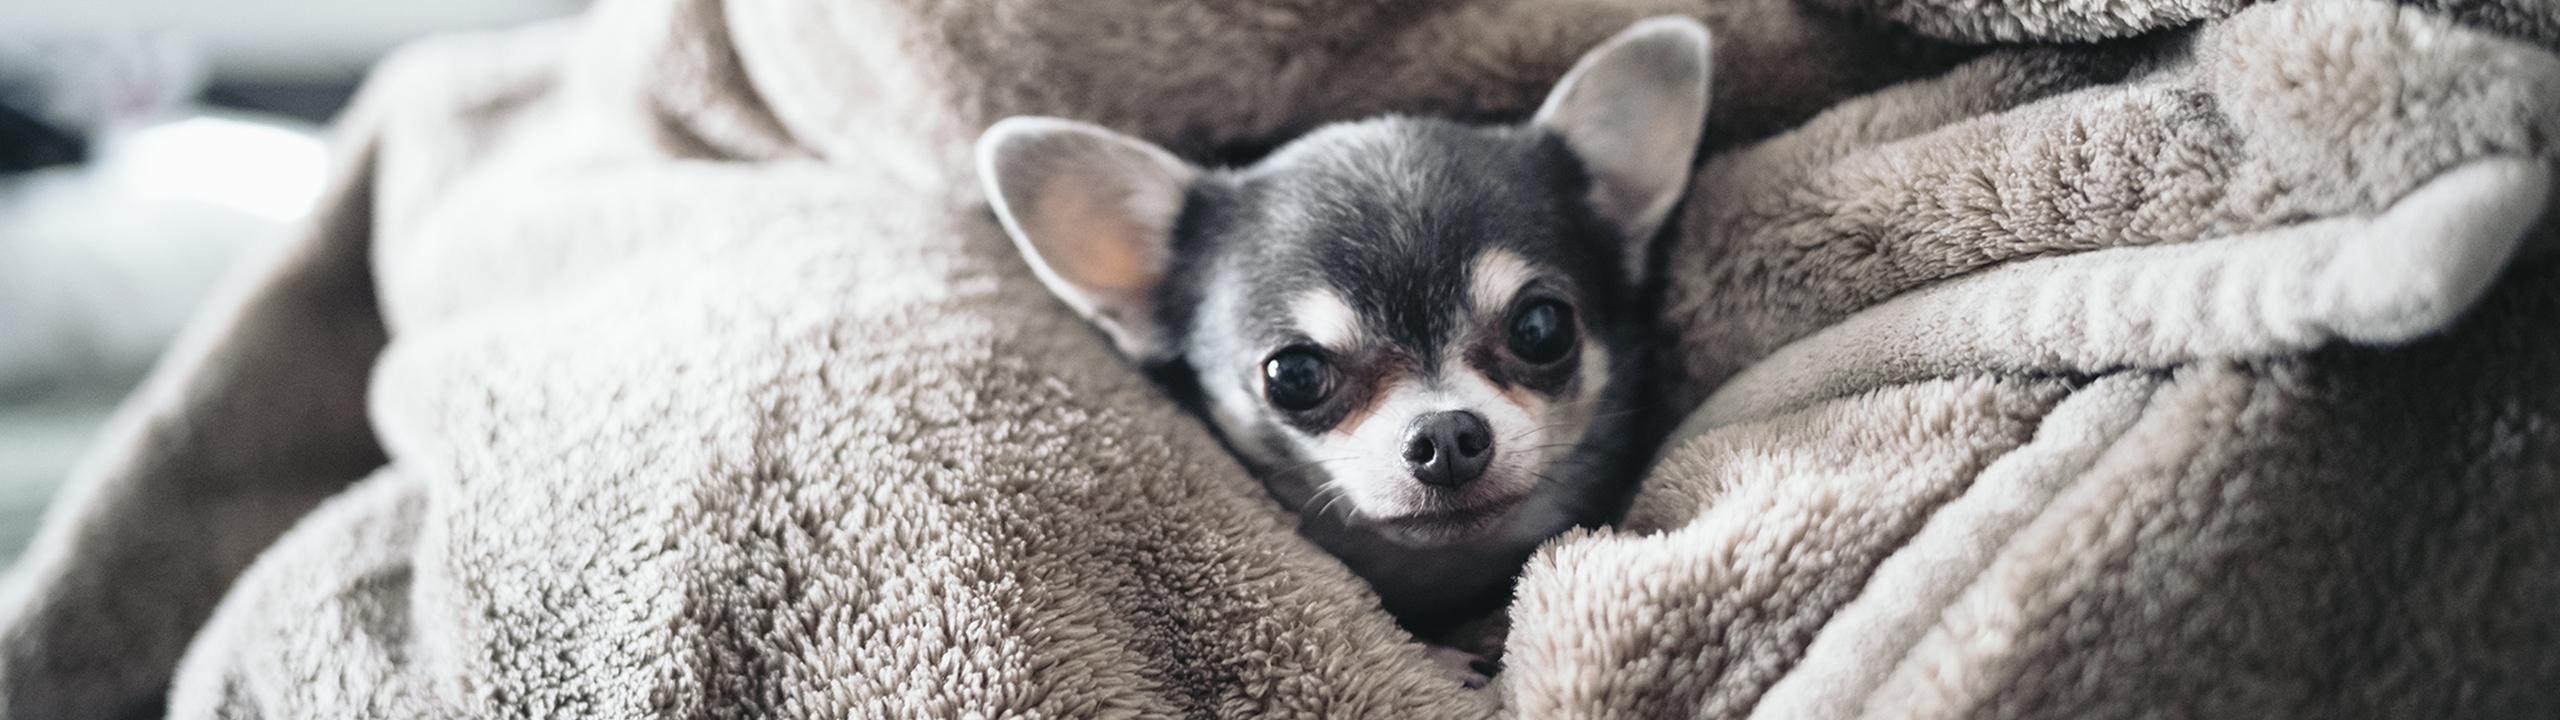 毛布の正しい使い方を伝授!快眠お助けナビ